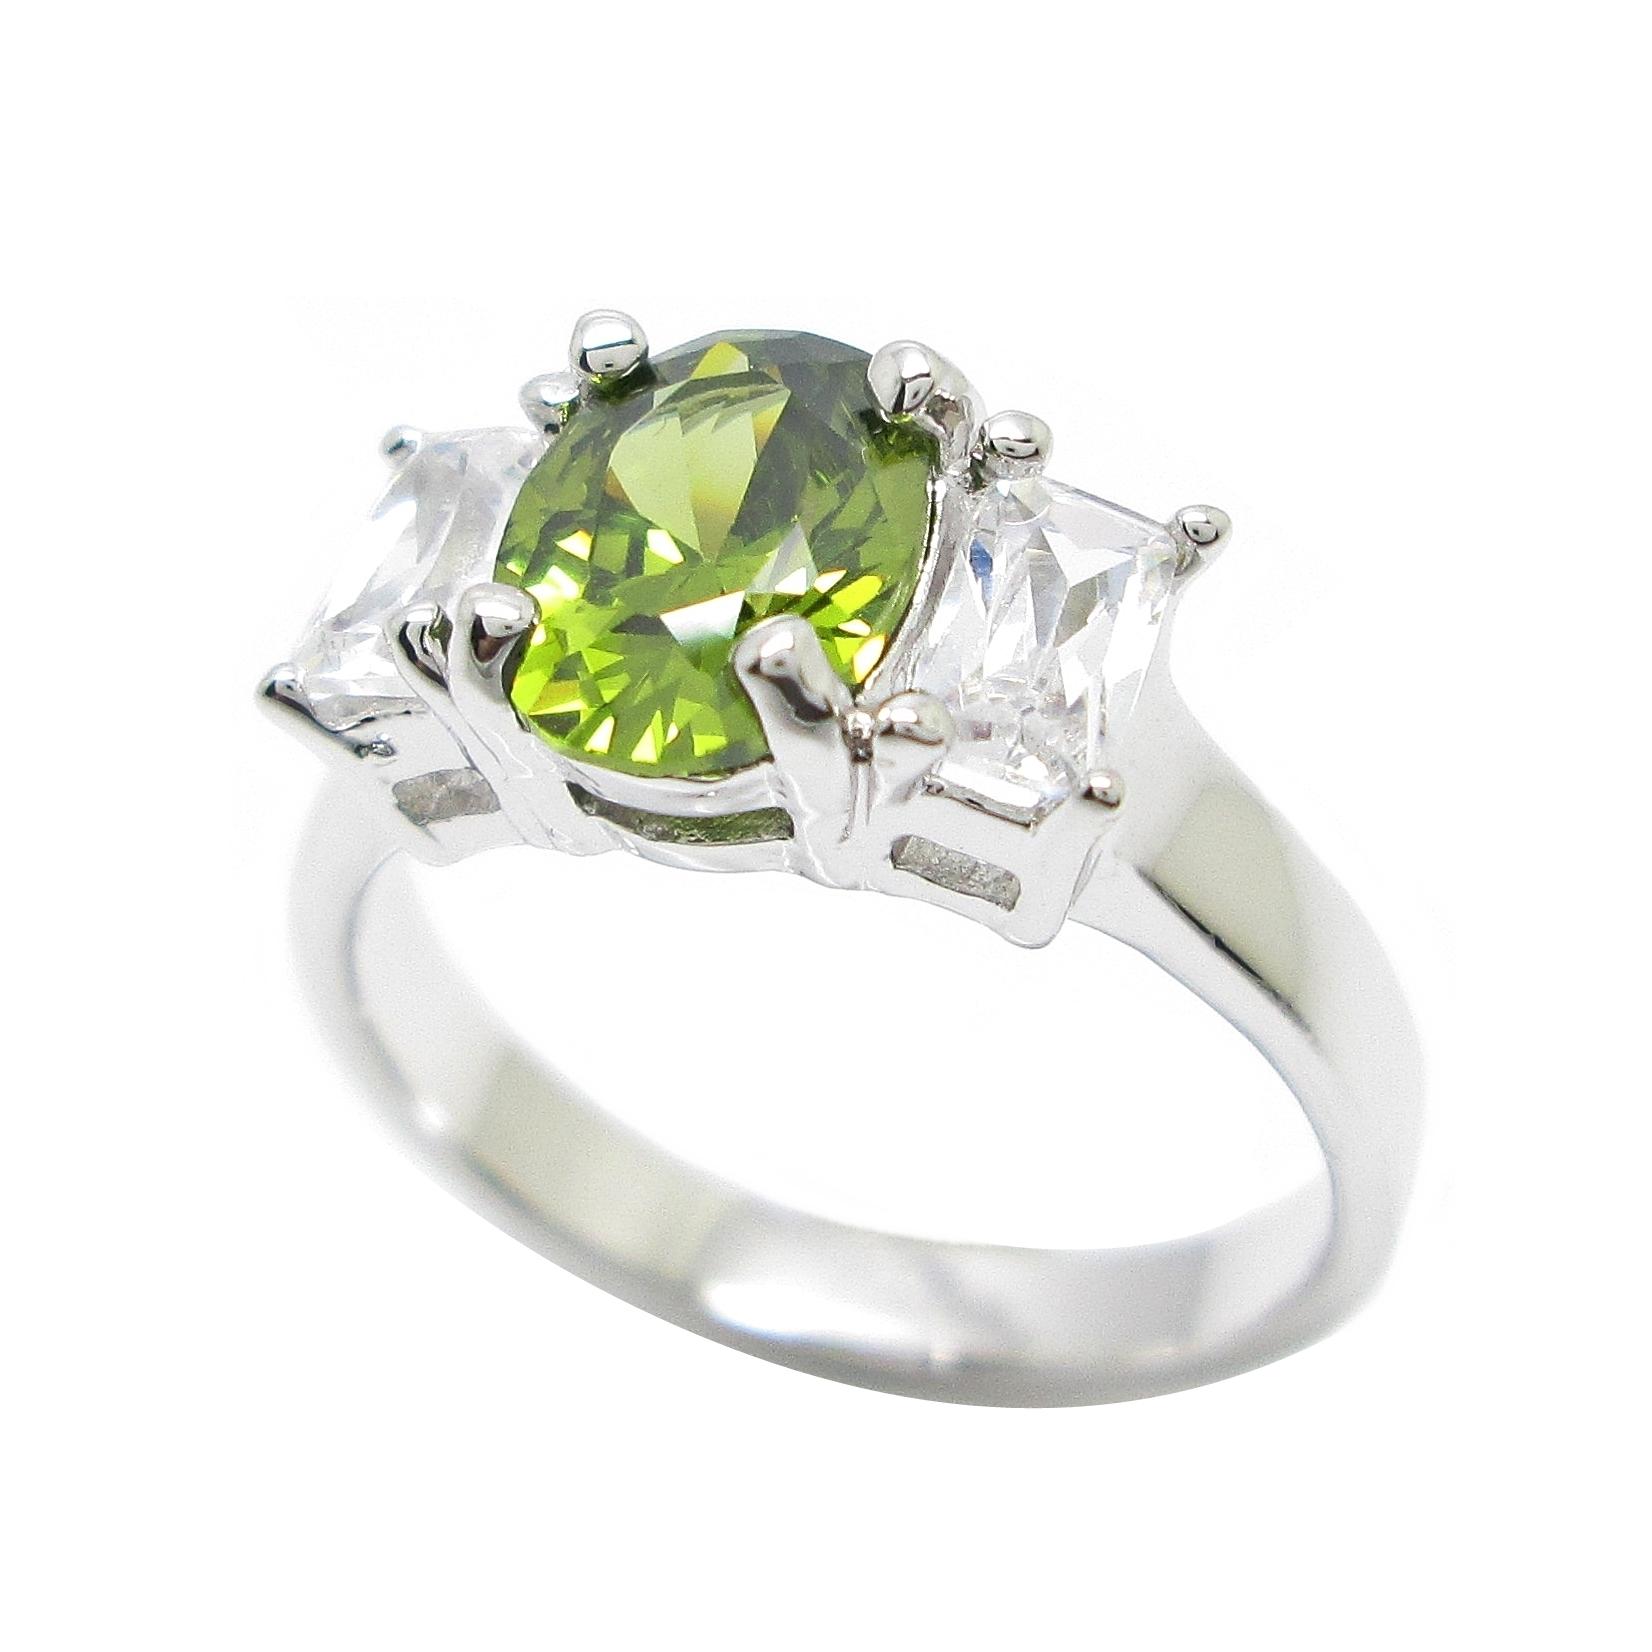 แหวนพลอยสีเขียวส่องประดับเพชรสี่เหลี่ยมชุบทองคำขาว